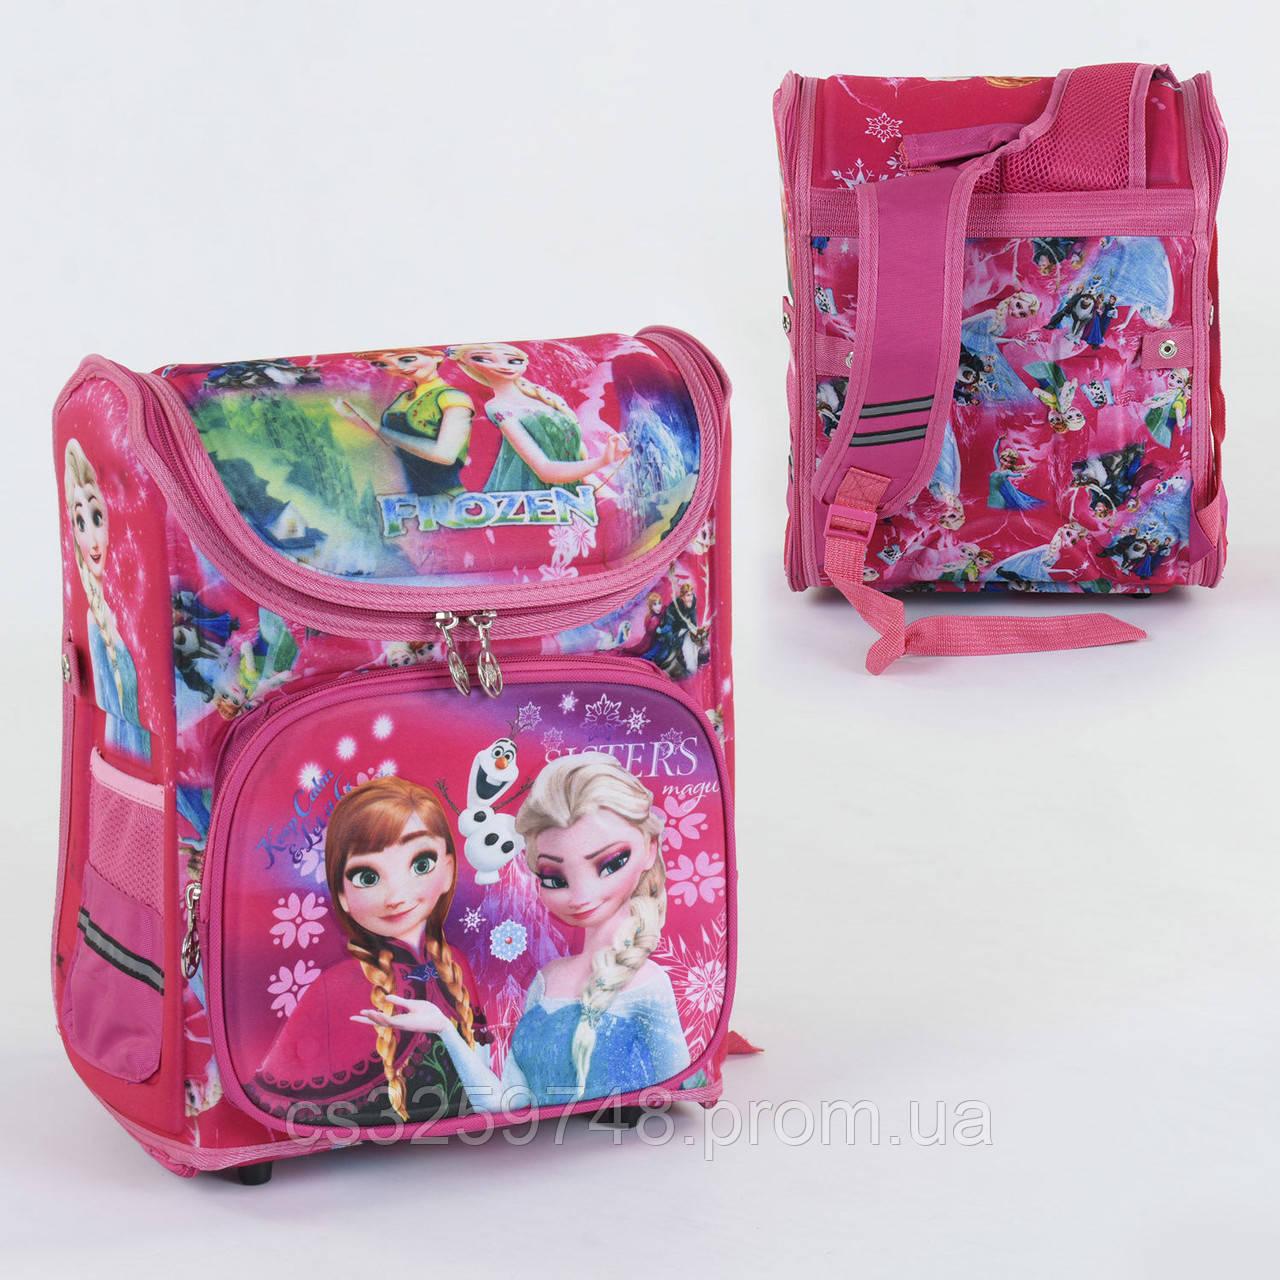 Шкільний каркасний рюкзак Ганна і Ельза З 36177 з ортопедичною спинкою на 1 велике відділення, 3D принт